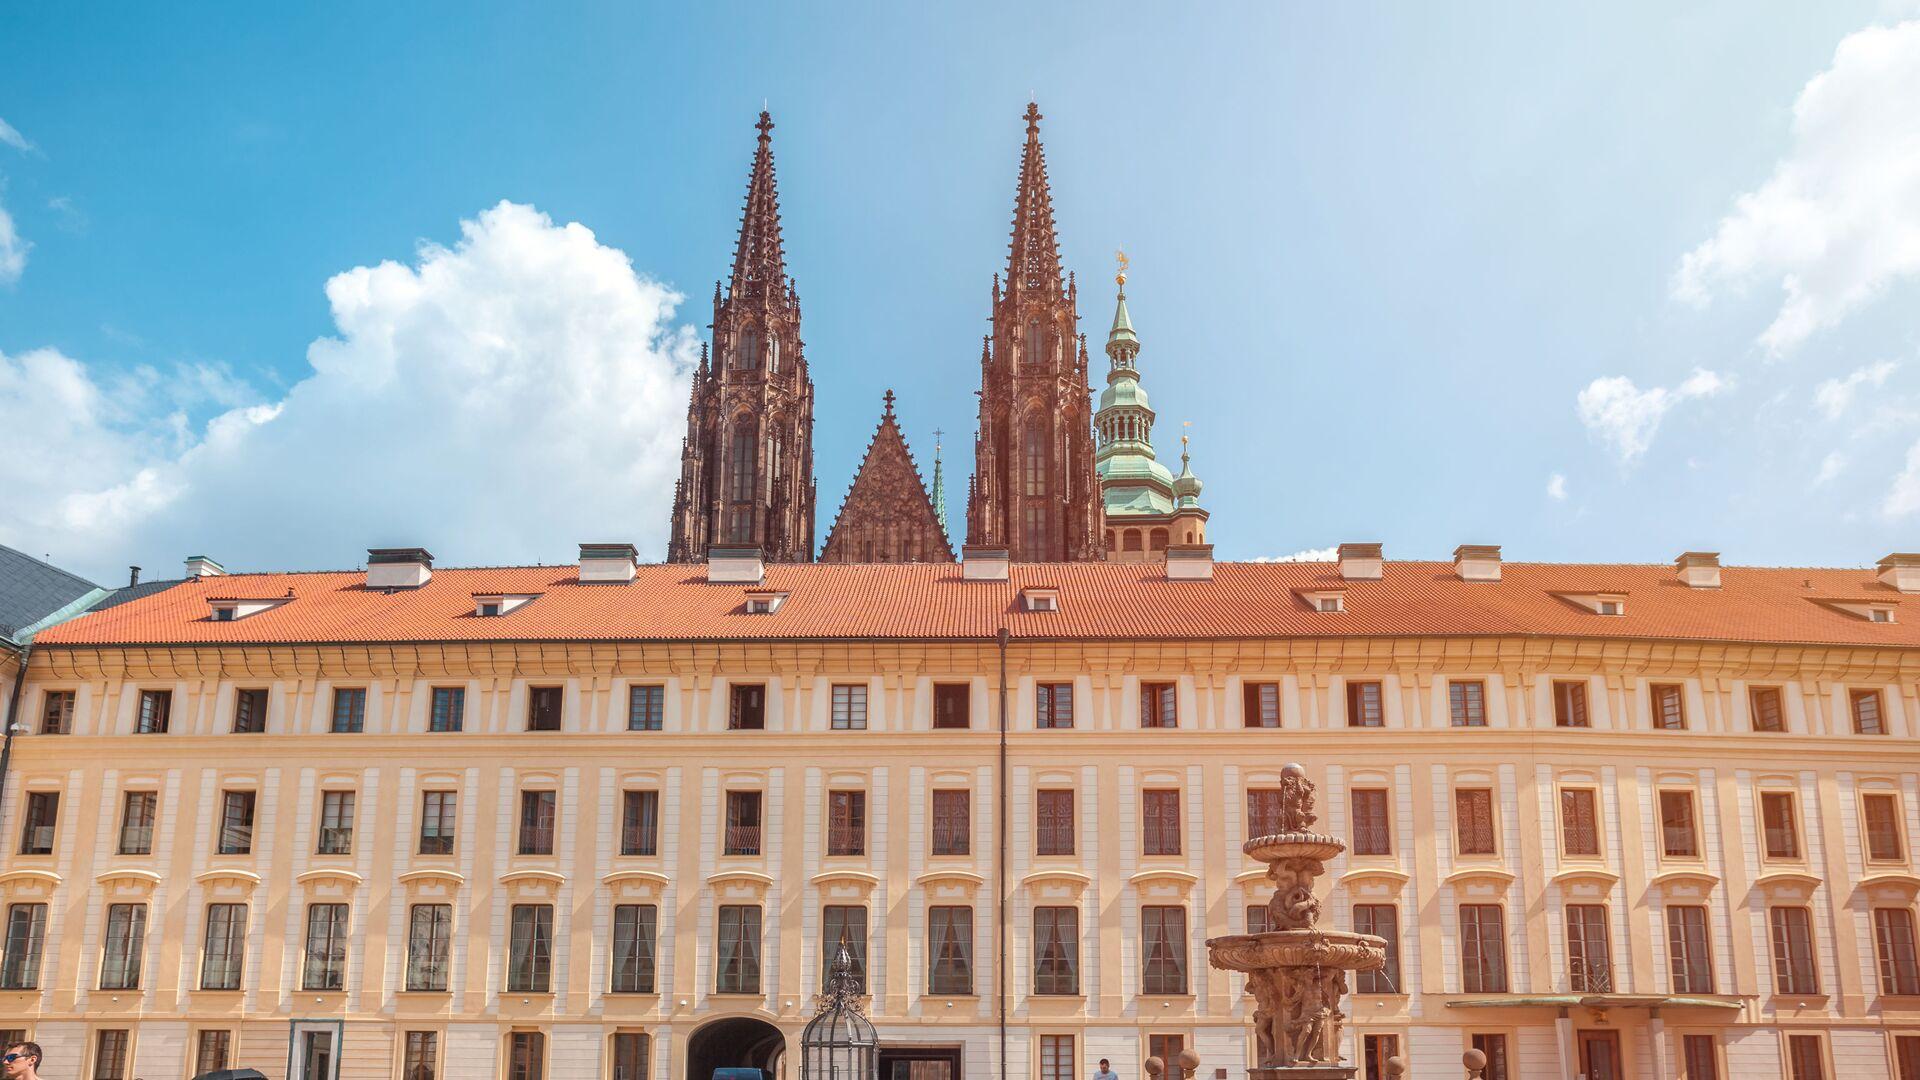 Pražský hrad a katedrála svatého Víta v Praze - Sputnik Česká republika, 1920, 03.02.2021